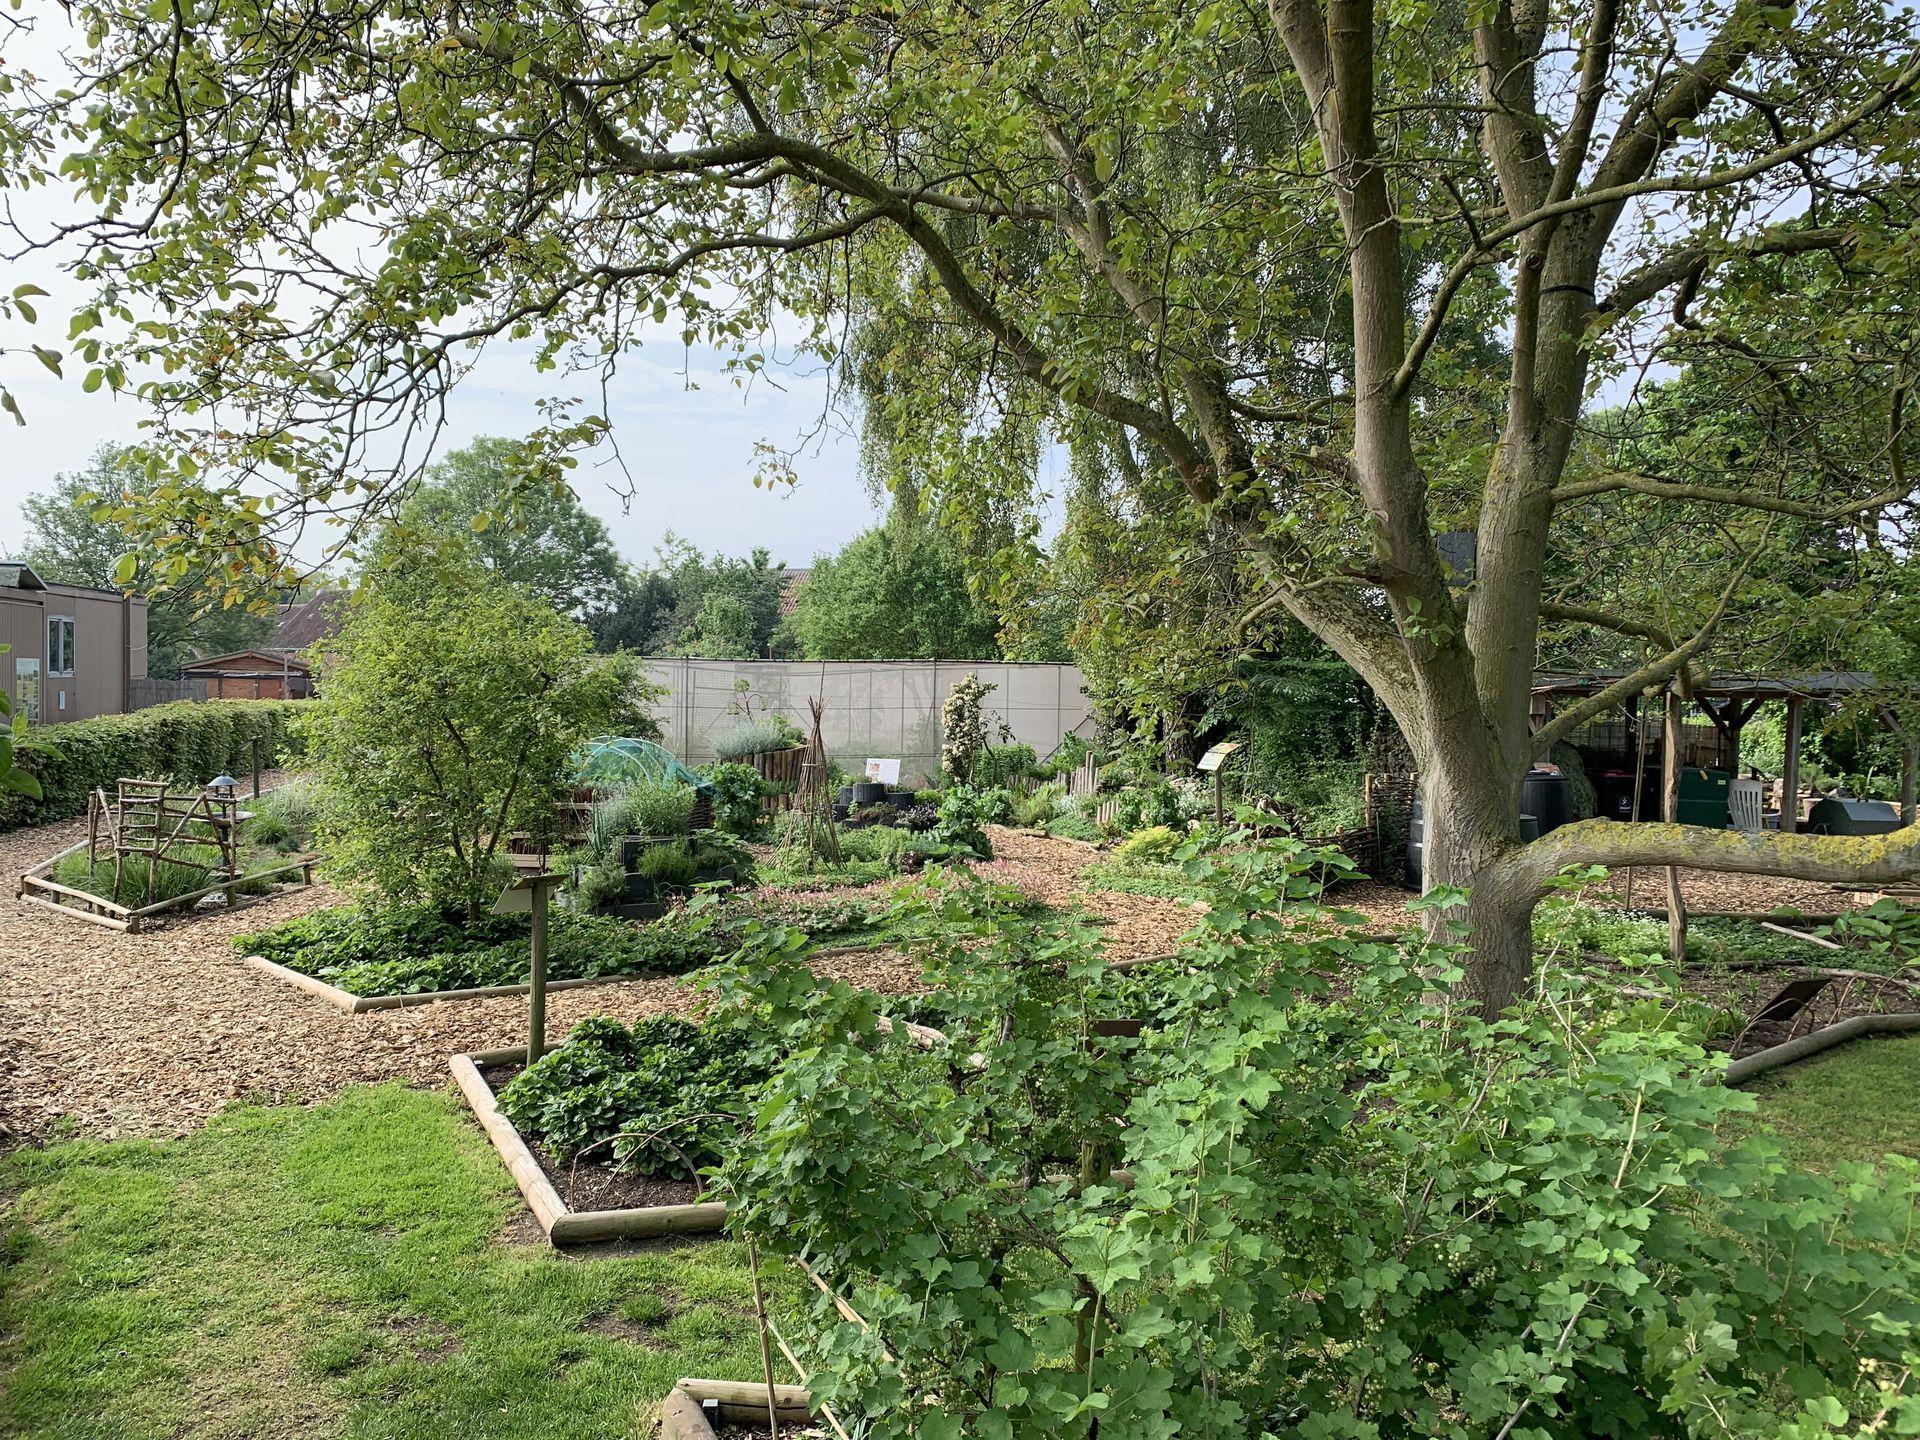 Comment Et Pourquoi Pailler Au Jardin ? encequiconcerne Copeaux De Bois Jardin